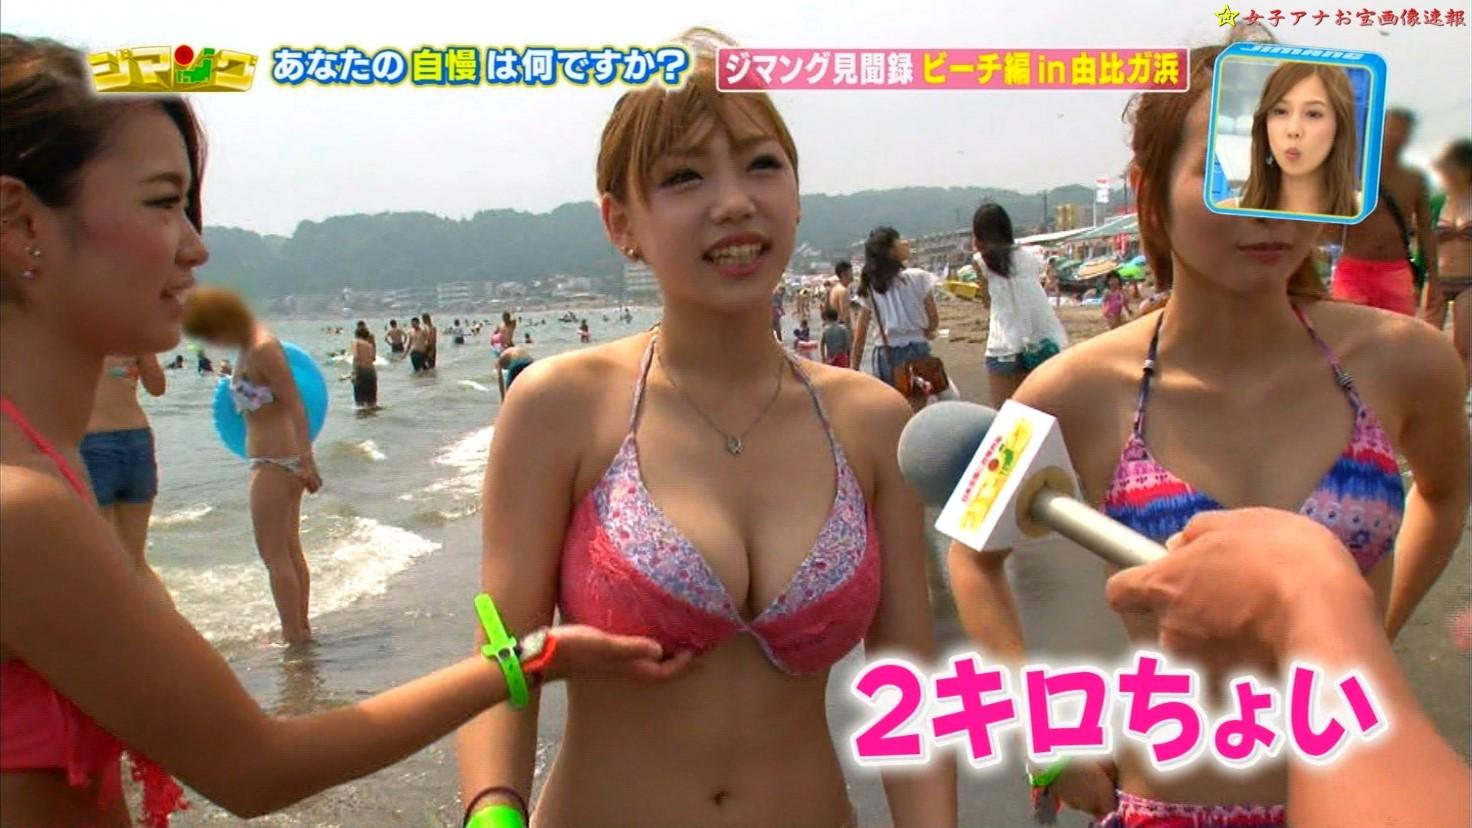 日本のビーチで泳いでる女の子達がスゴイ事になってるンゴwwwwww